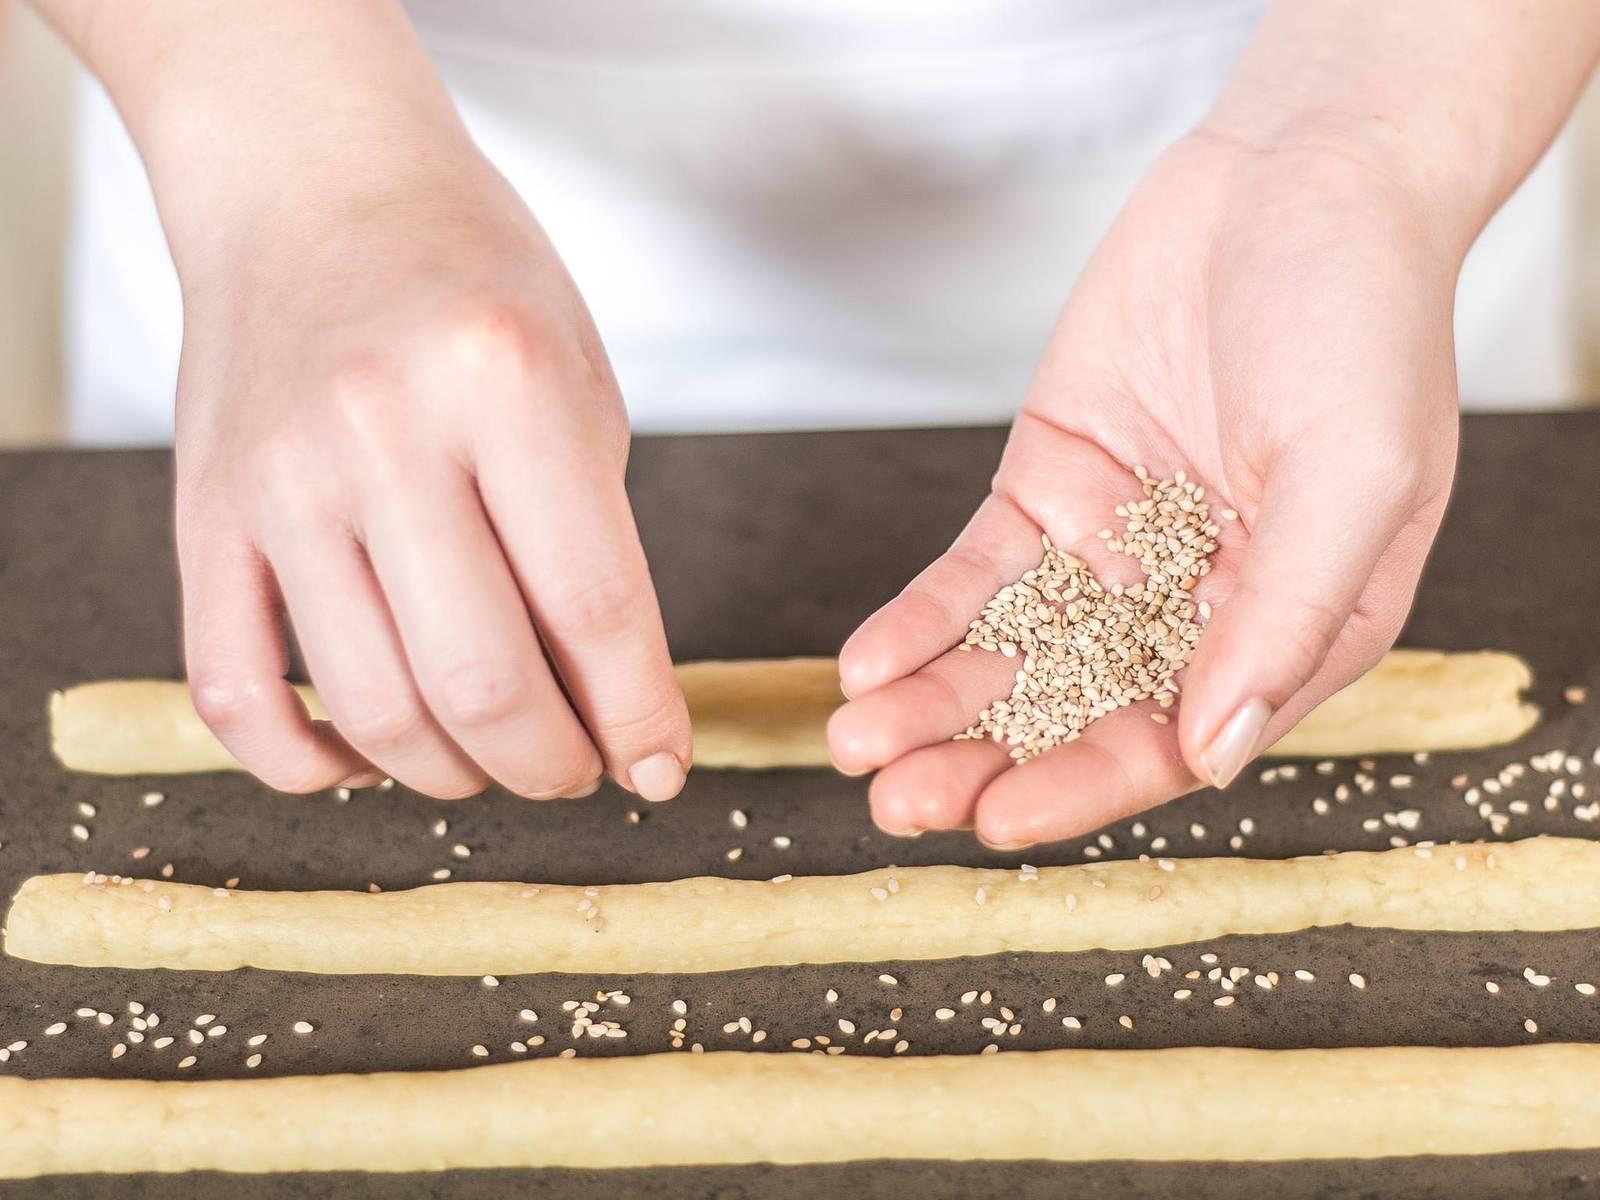 Nun die Grissini mit Sesam bestreuen. Am besten einmal im Sesam wälzen, damit die Saat besser haftet. Dann die Stangen auf ein ausgelegtes Backblech legen und abgedeckt ca. 20 Min. an einem warmen Ort gehen lassen.